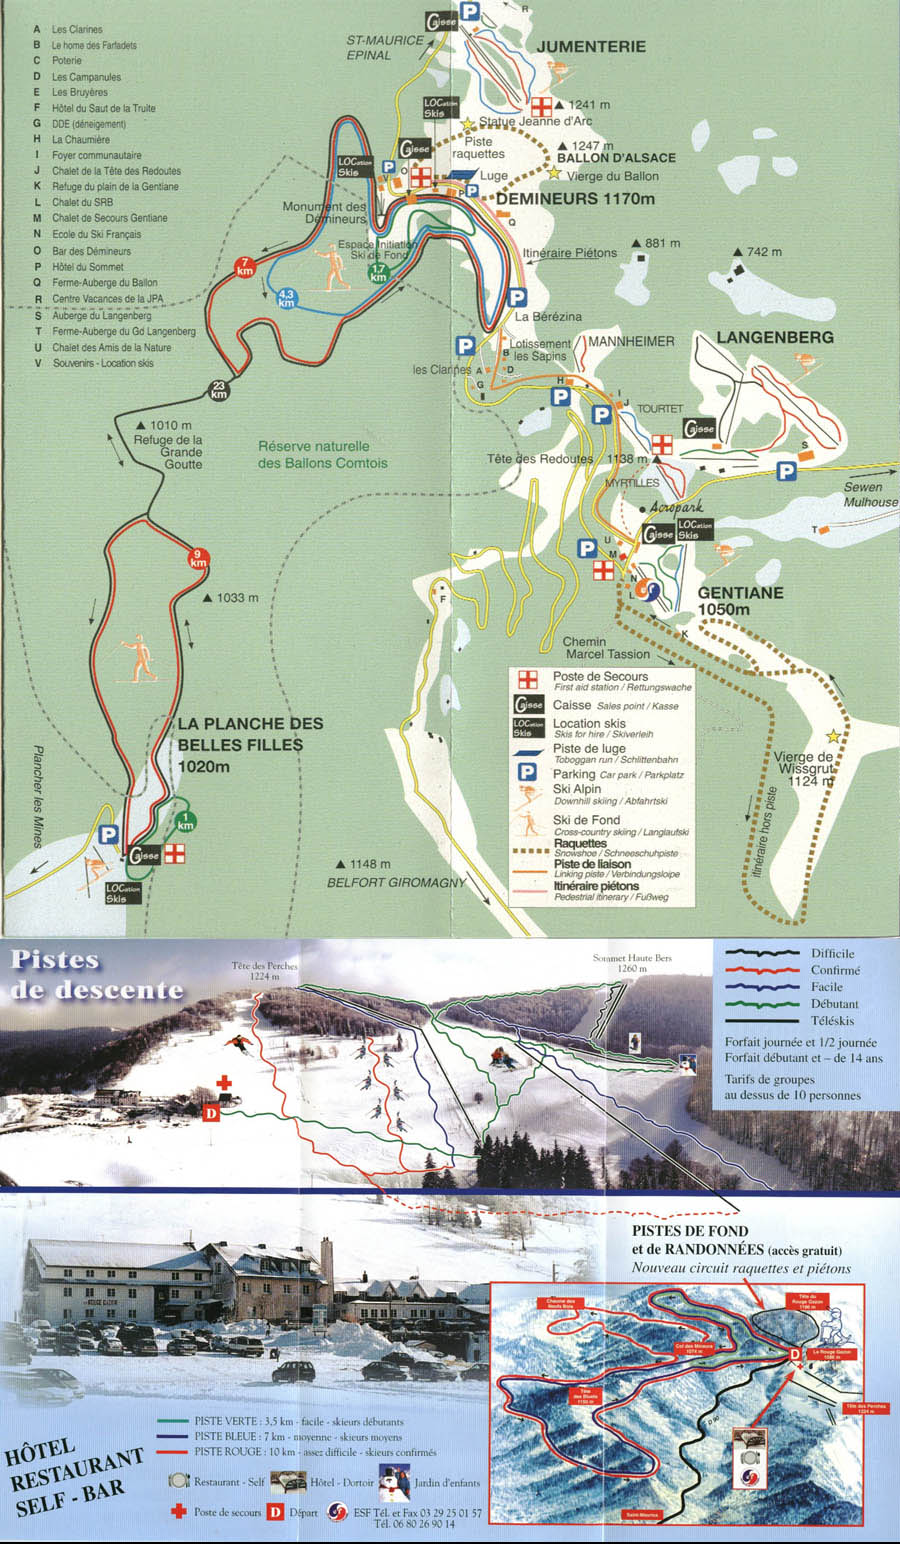 Saint Maurice Sur Moselle Piste / Trail Map